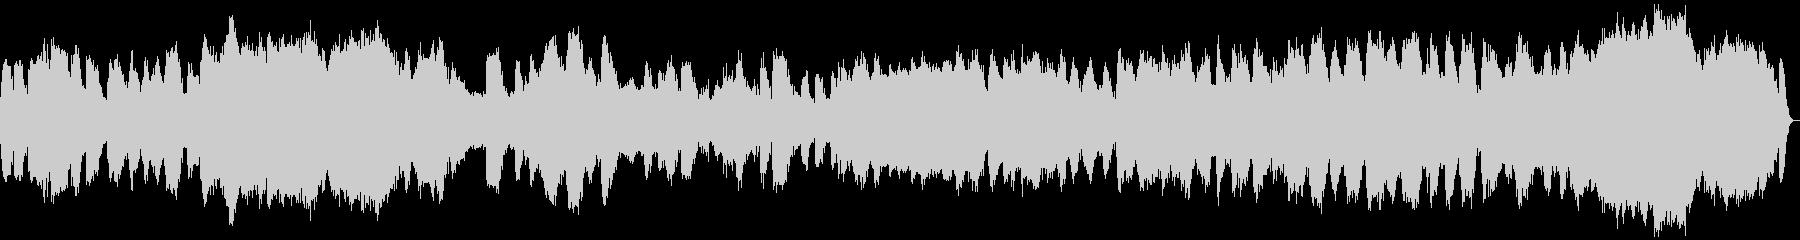 【瞑想用音楽】大自然の一部となるイメージの未再生の波形